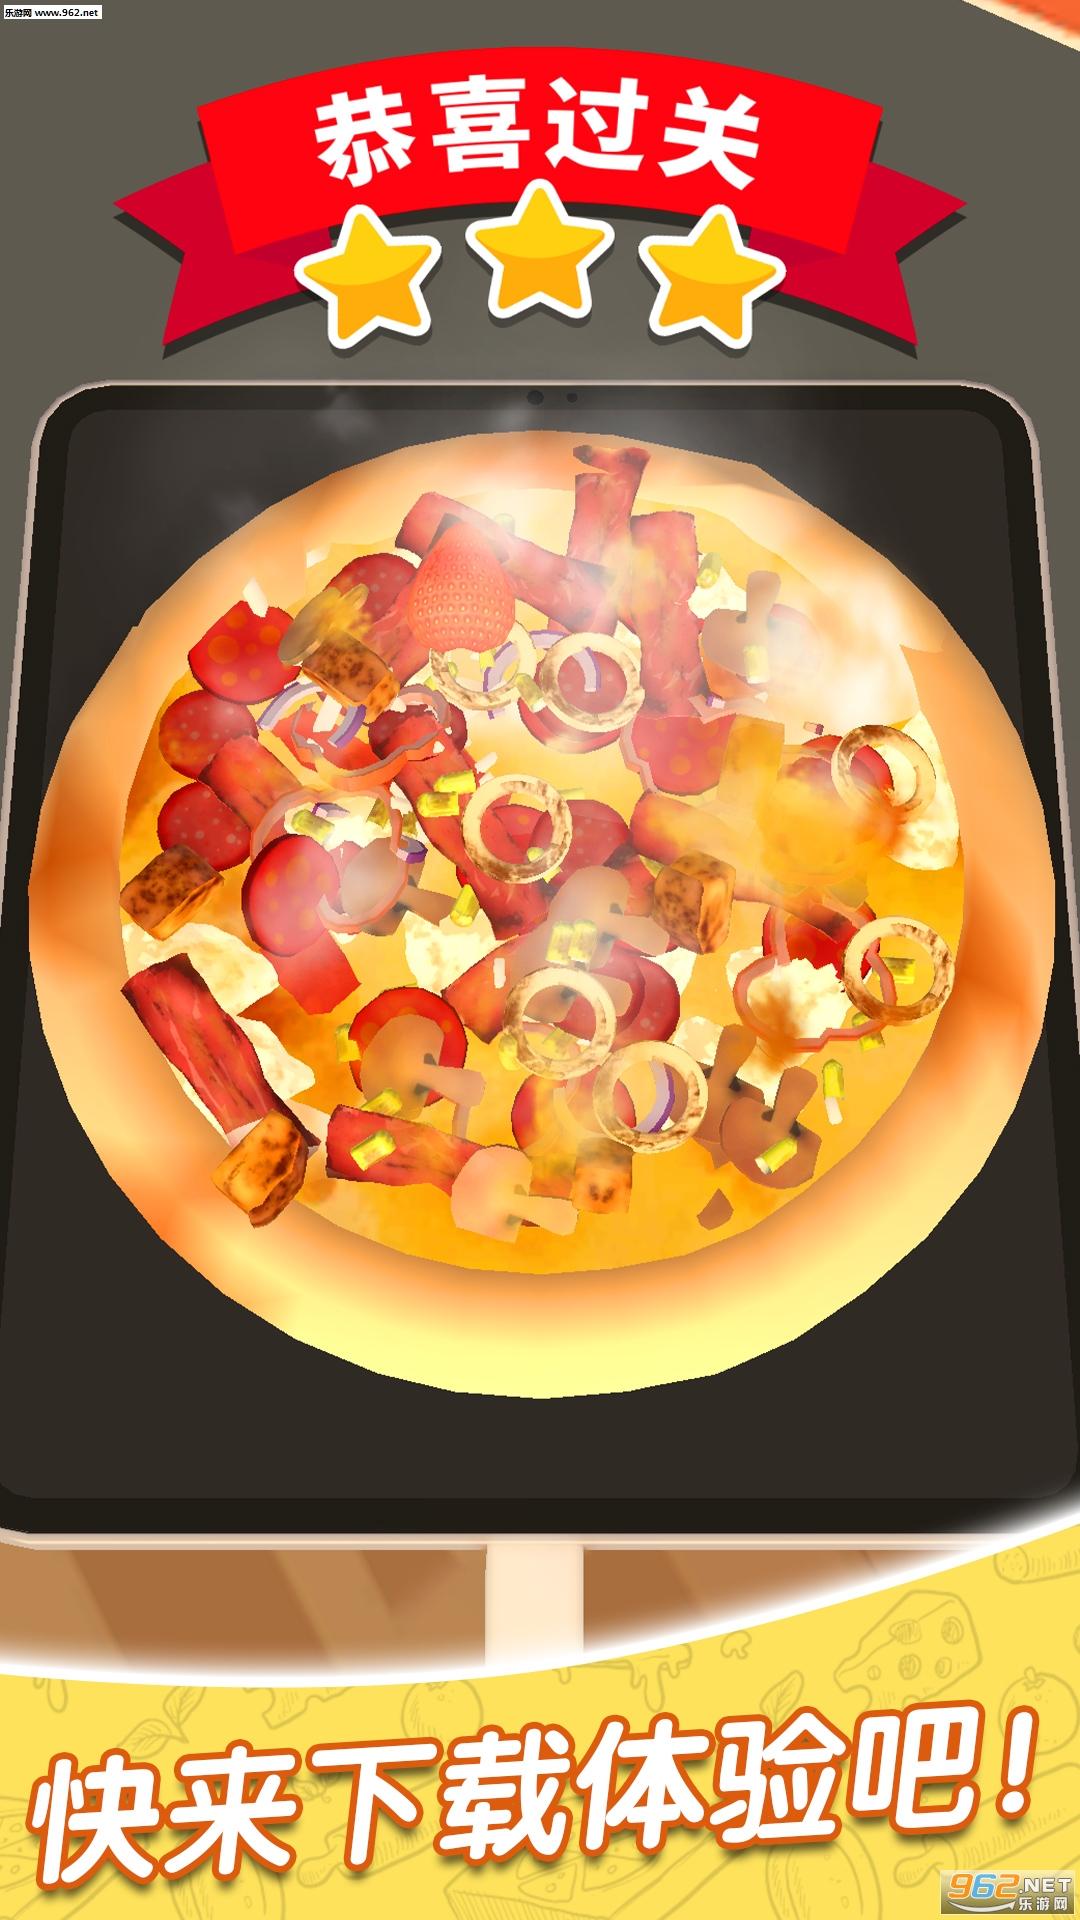 欢乐披萨店中文版v1.0.1官方版截图0